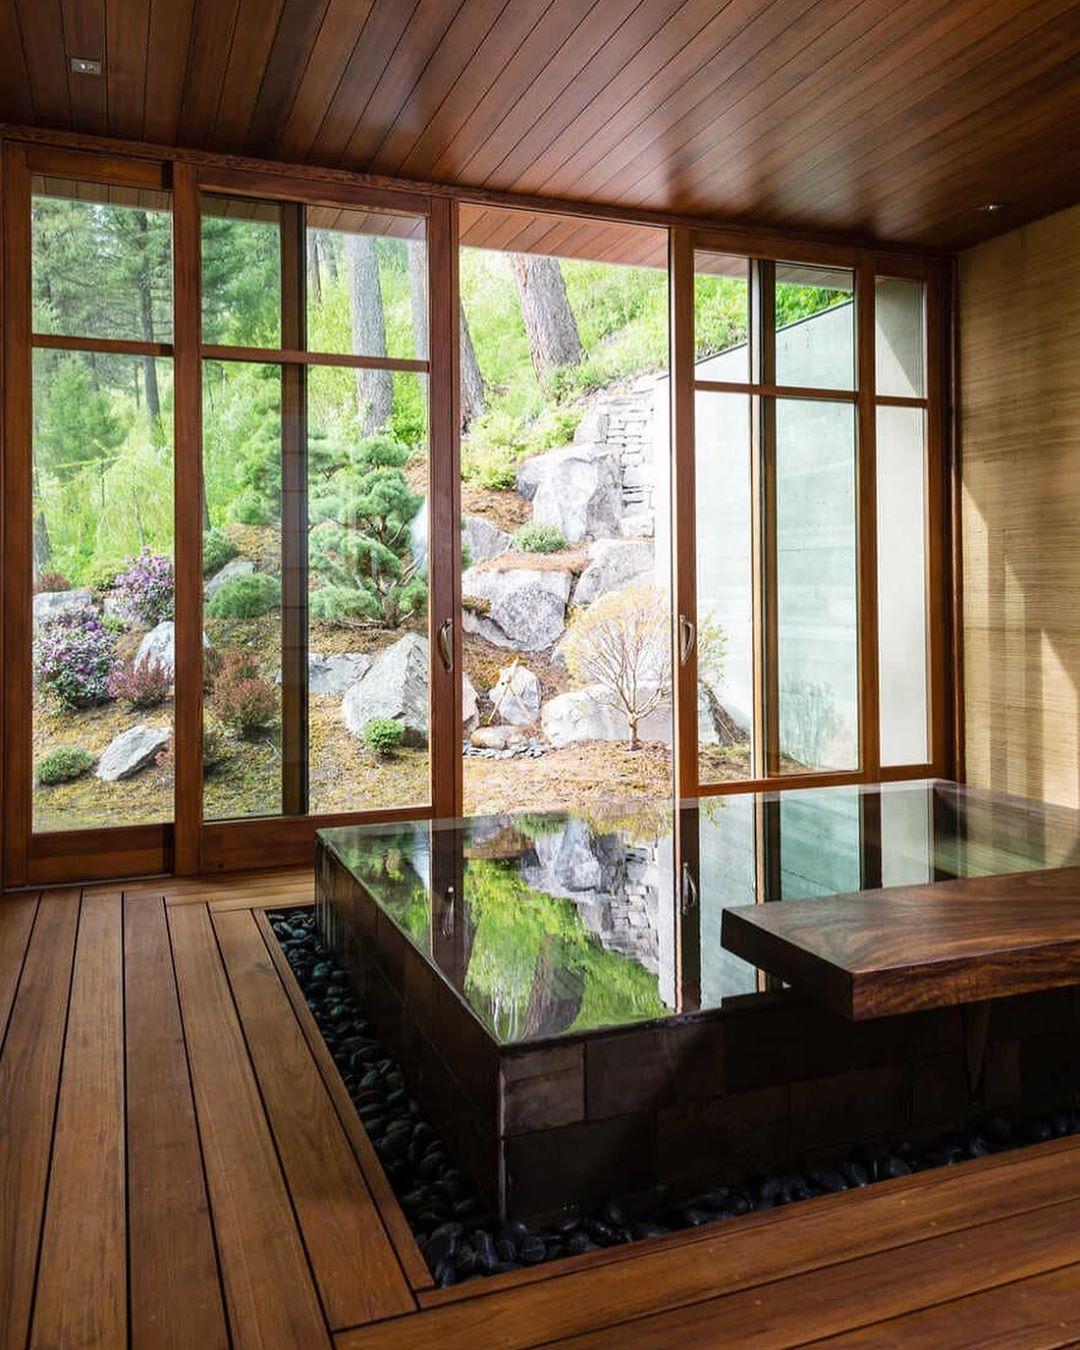 Mi Piace 398 Commenti 2 Decors Designe Decorsdesigne Su Instagram Whitefish Poolhouse By Cushing Japanese Bath House Indoor Hot Tub Japanese House